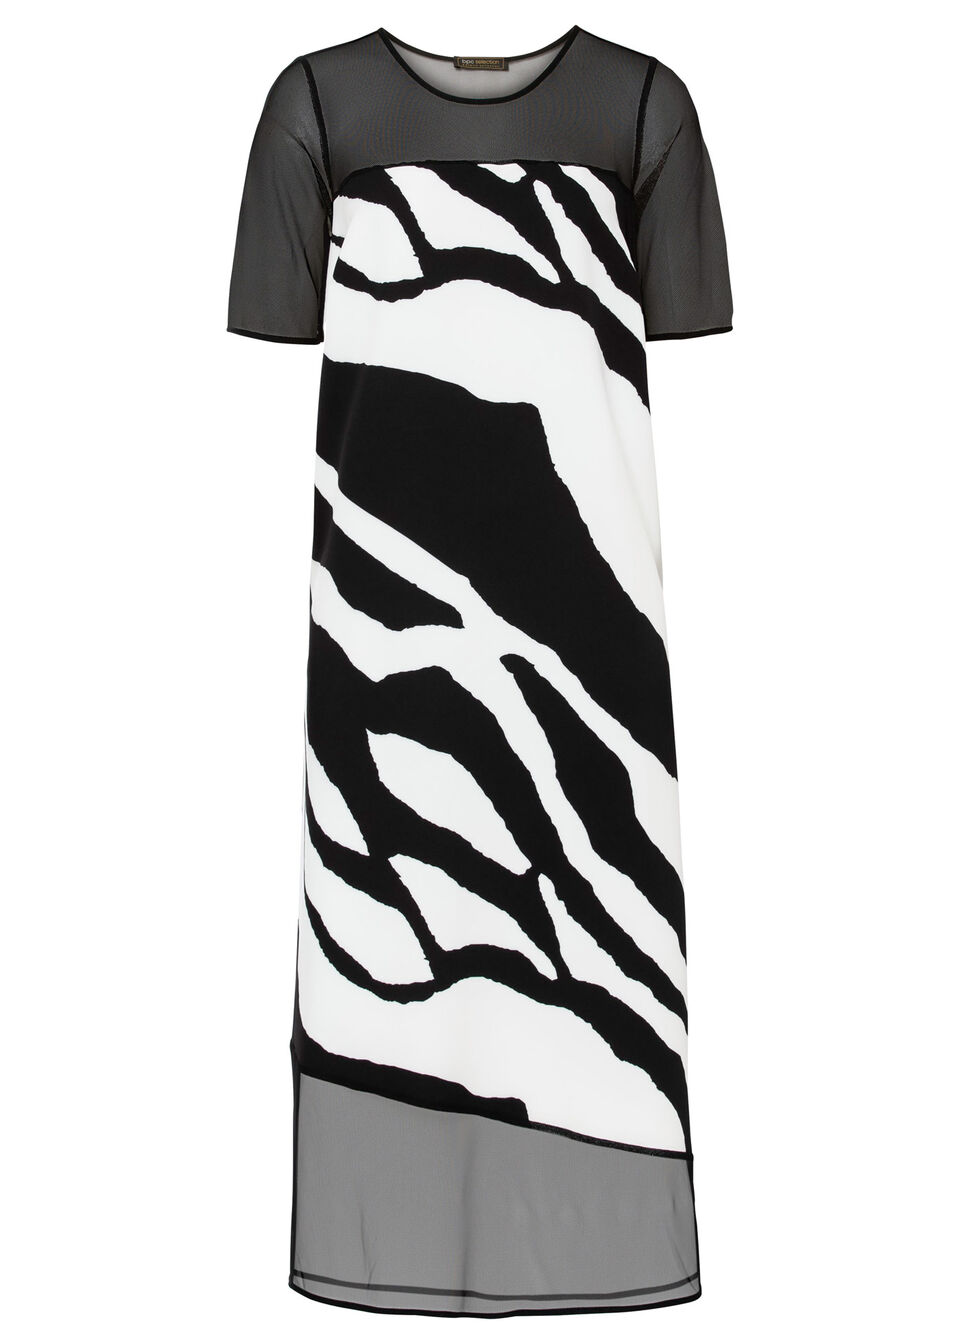 Sukienka midi z nadrukiem bonprix czarno-biały w paski zebry